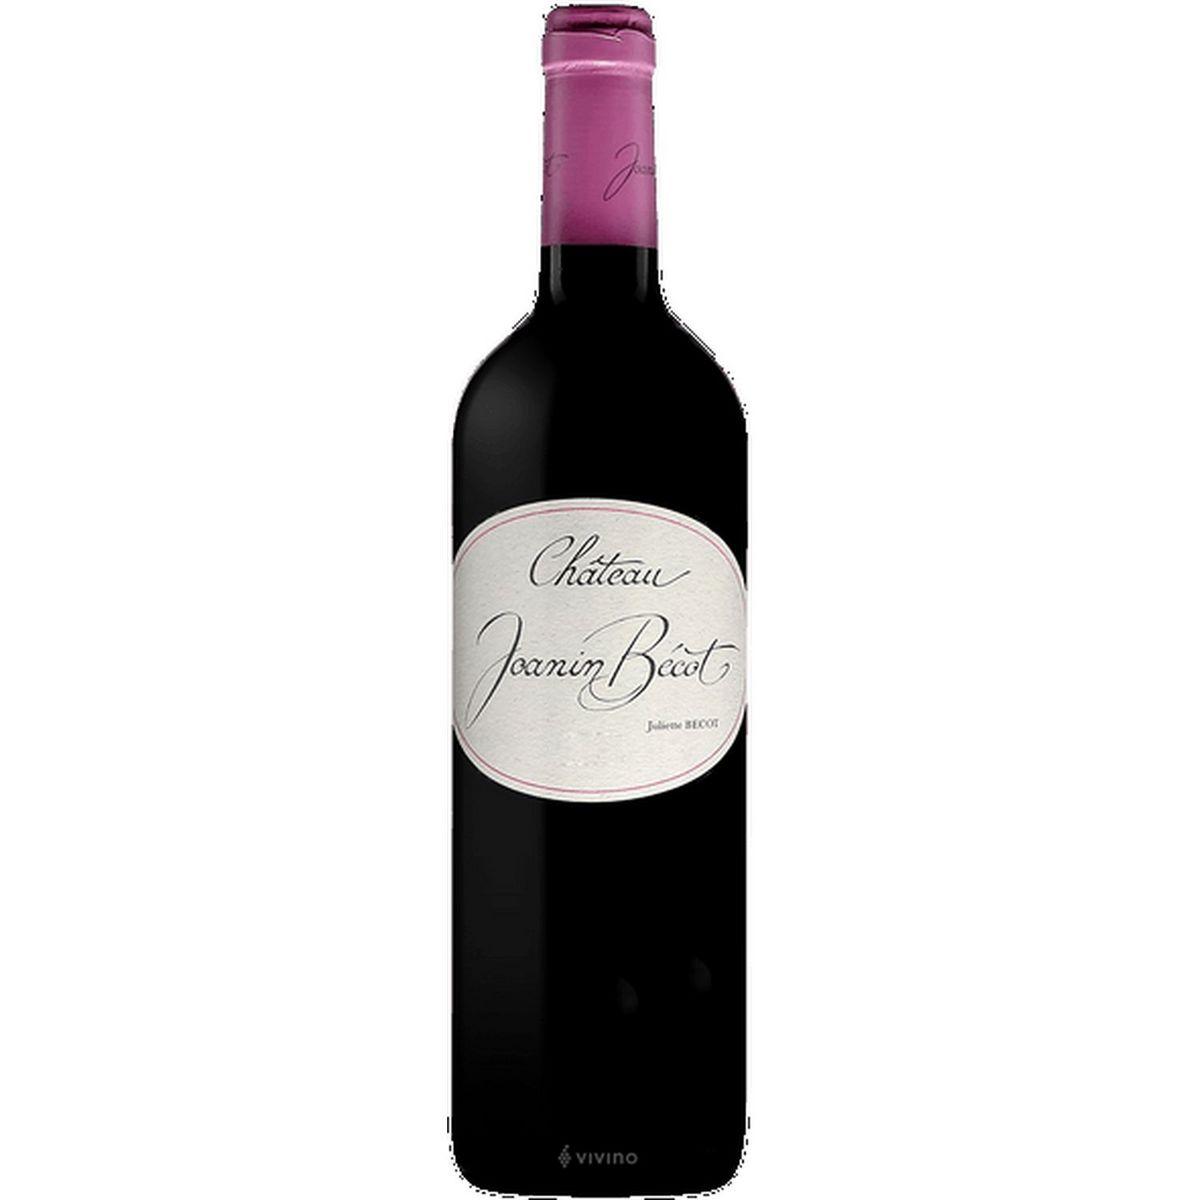 AOP Castillon Côtes de Bordeaux Château Joanin rouge 2017